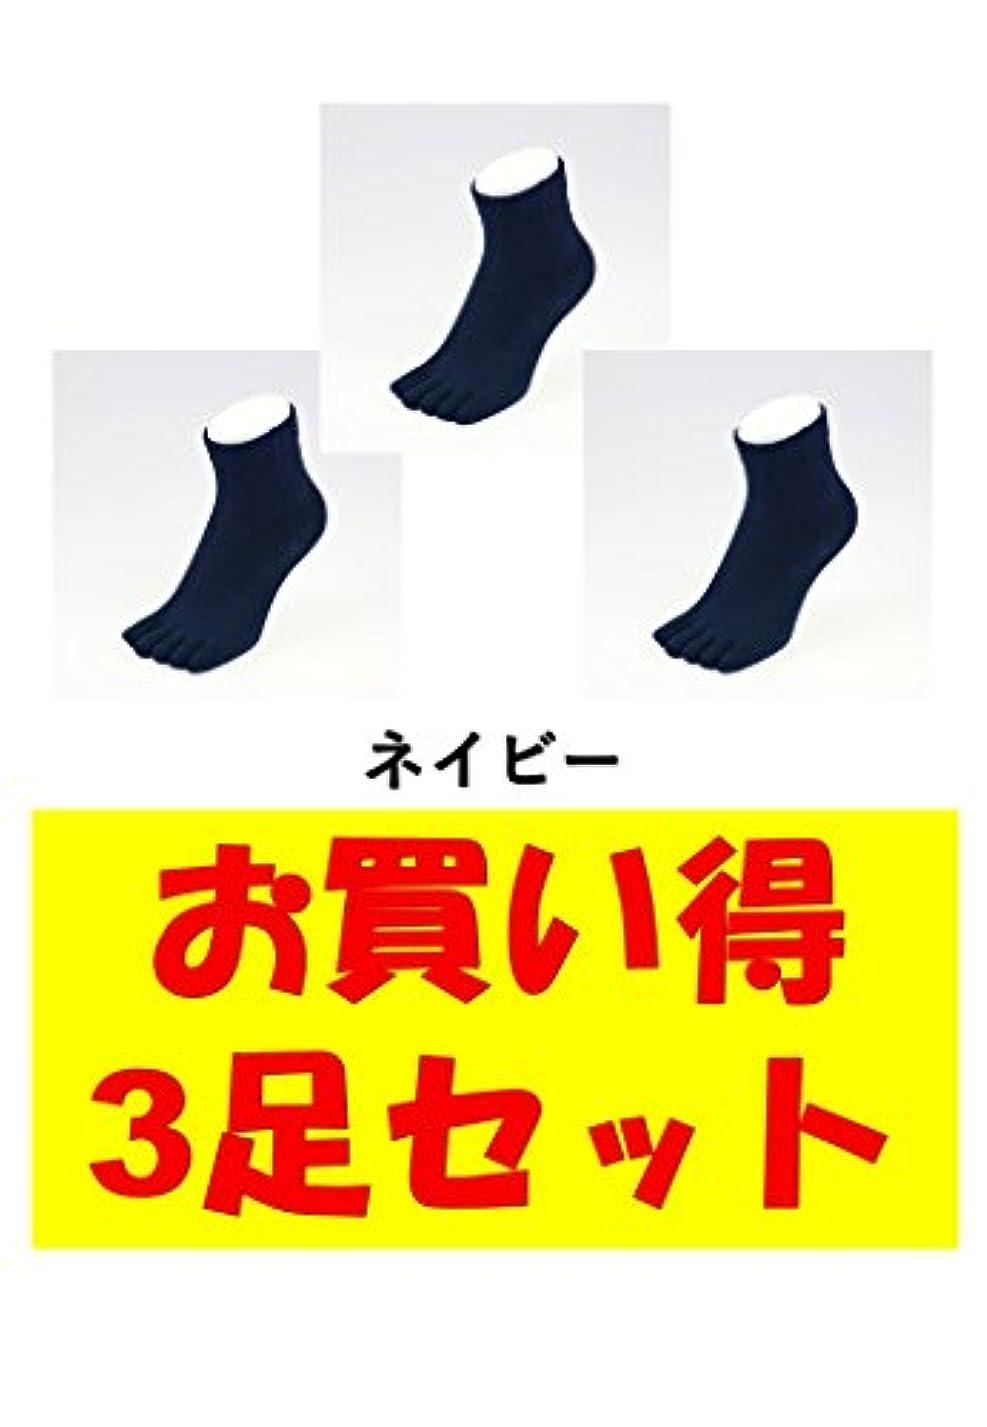 フォーク裁定落胆するお買い得3足セット 5本指 ゆびのばソックス Neo EVE(イヴ) ネイビー Sサイズ(21.0cm - 24.0cm) YSNEVE-NVY